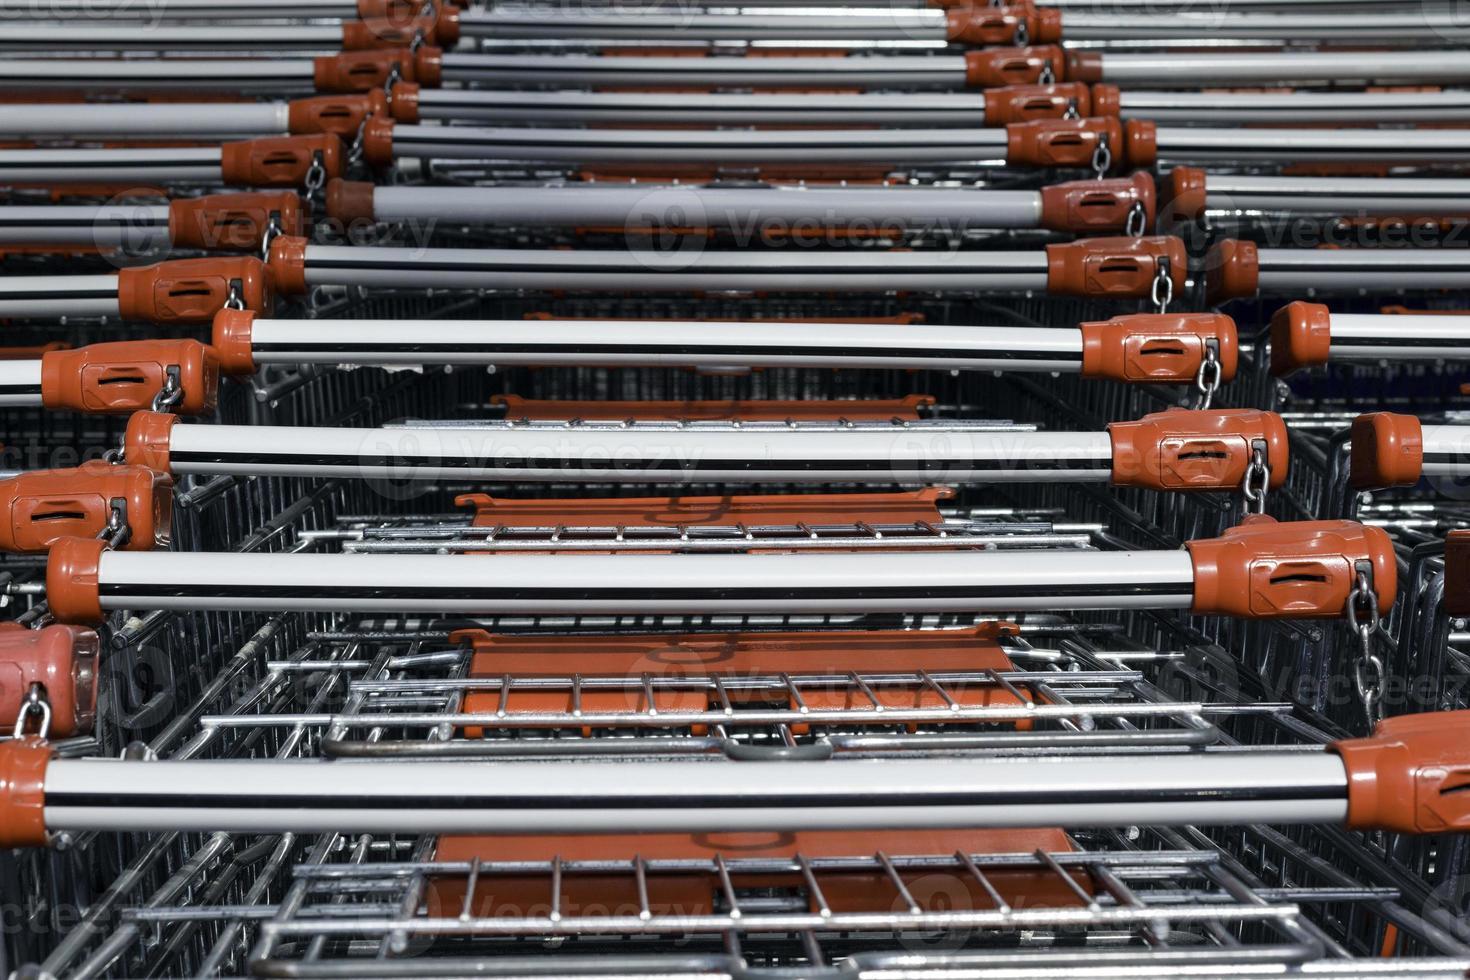 Shopping carts photo